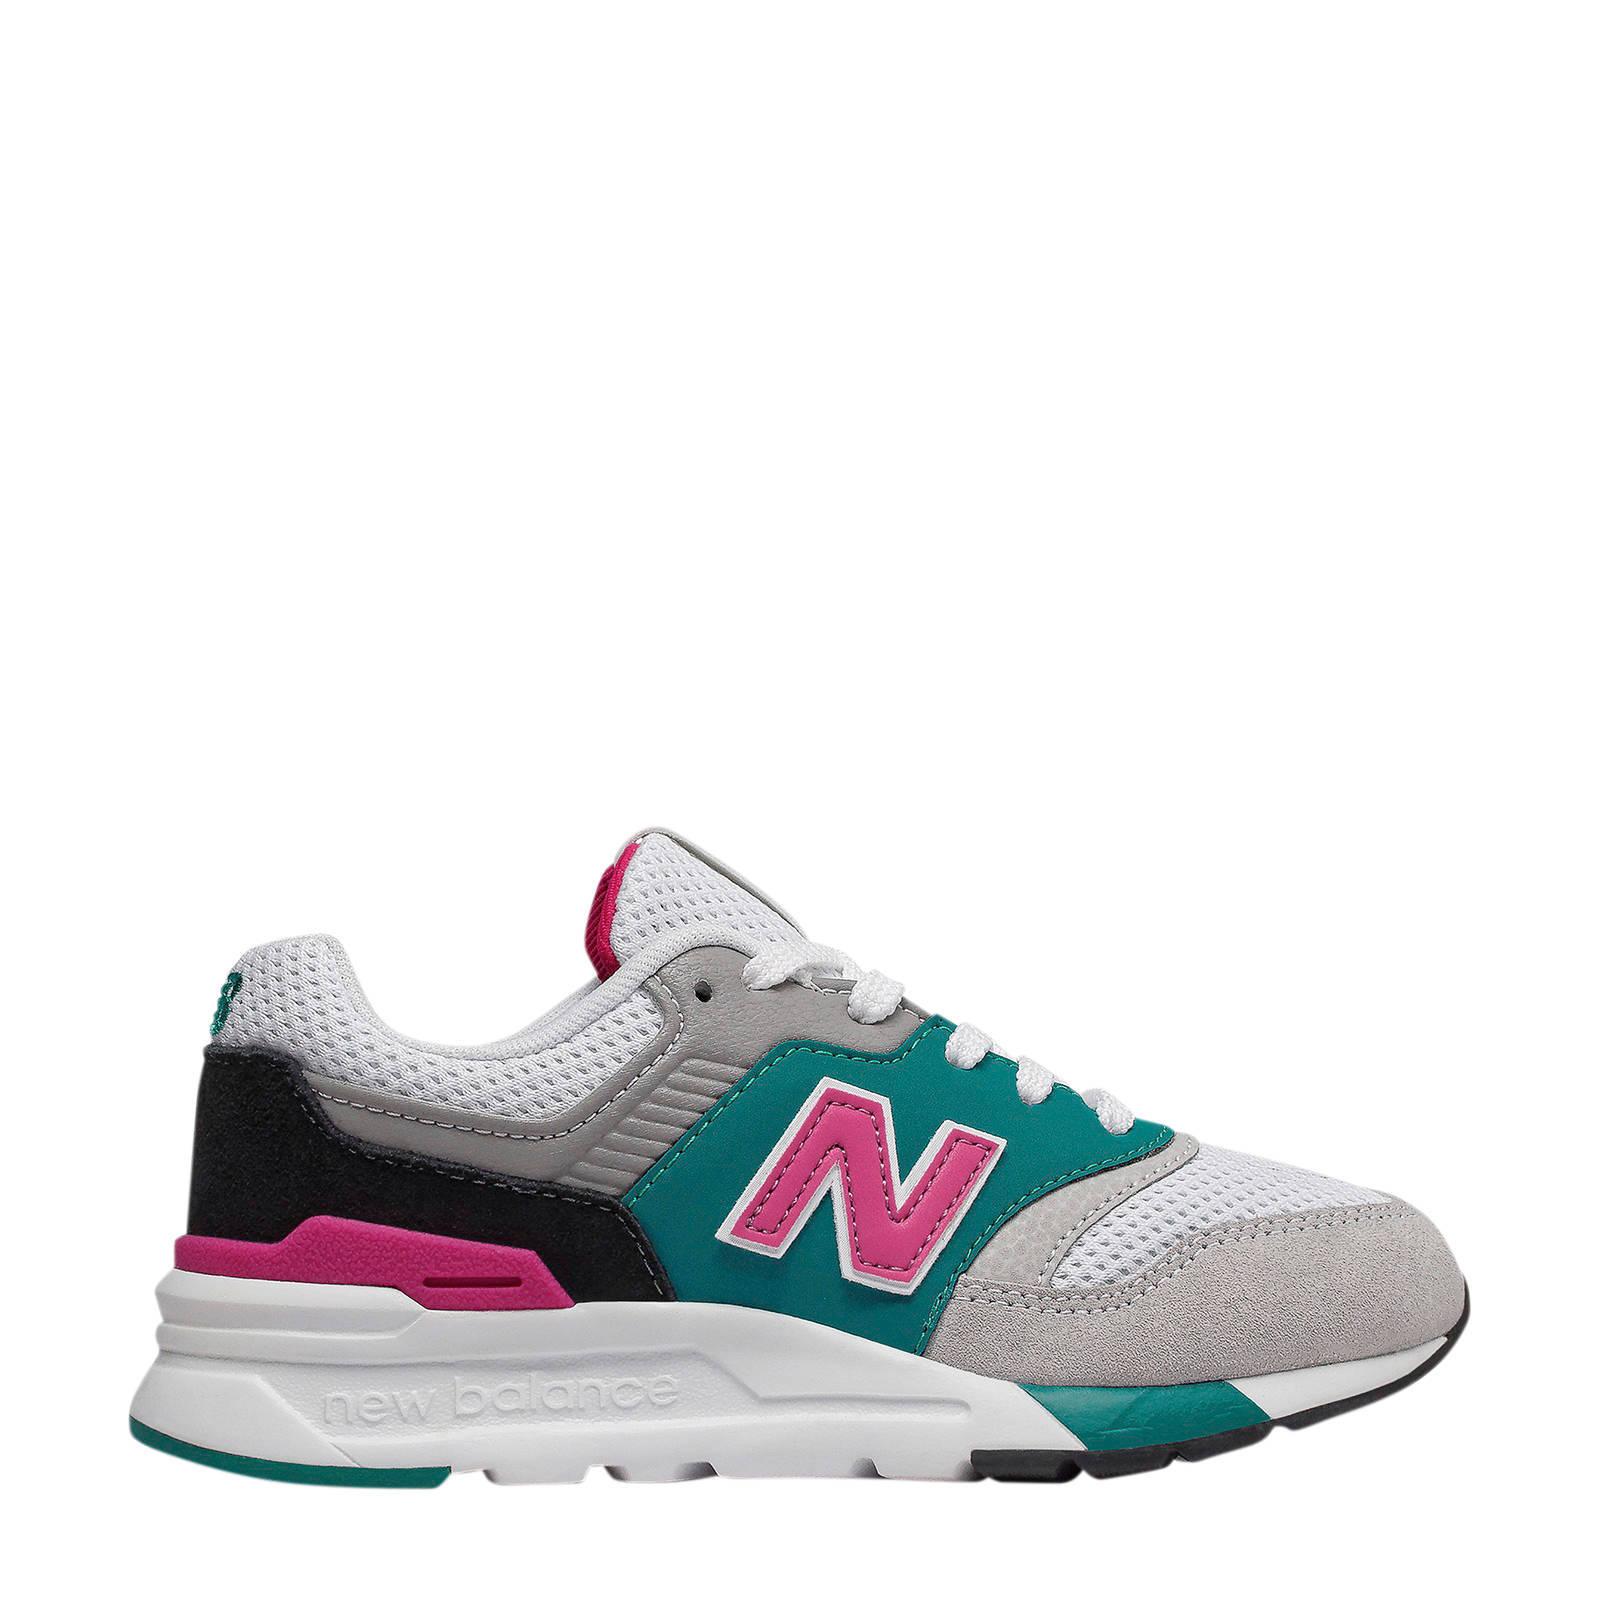 New Balance 997 sneakers groen/roze/wit   wehkamp